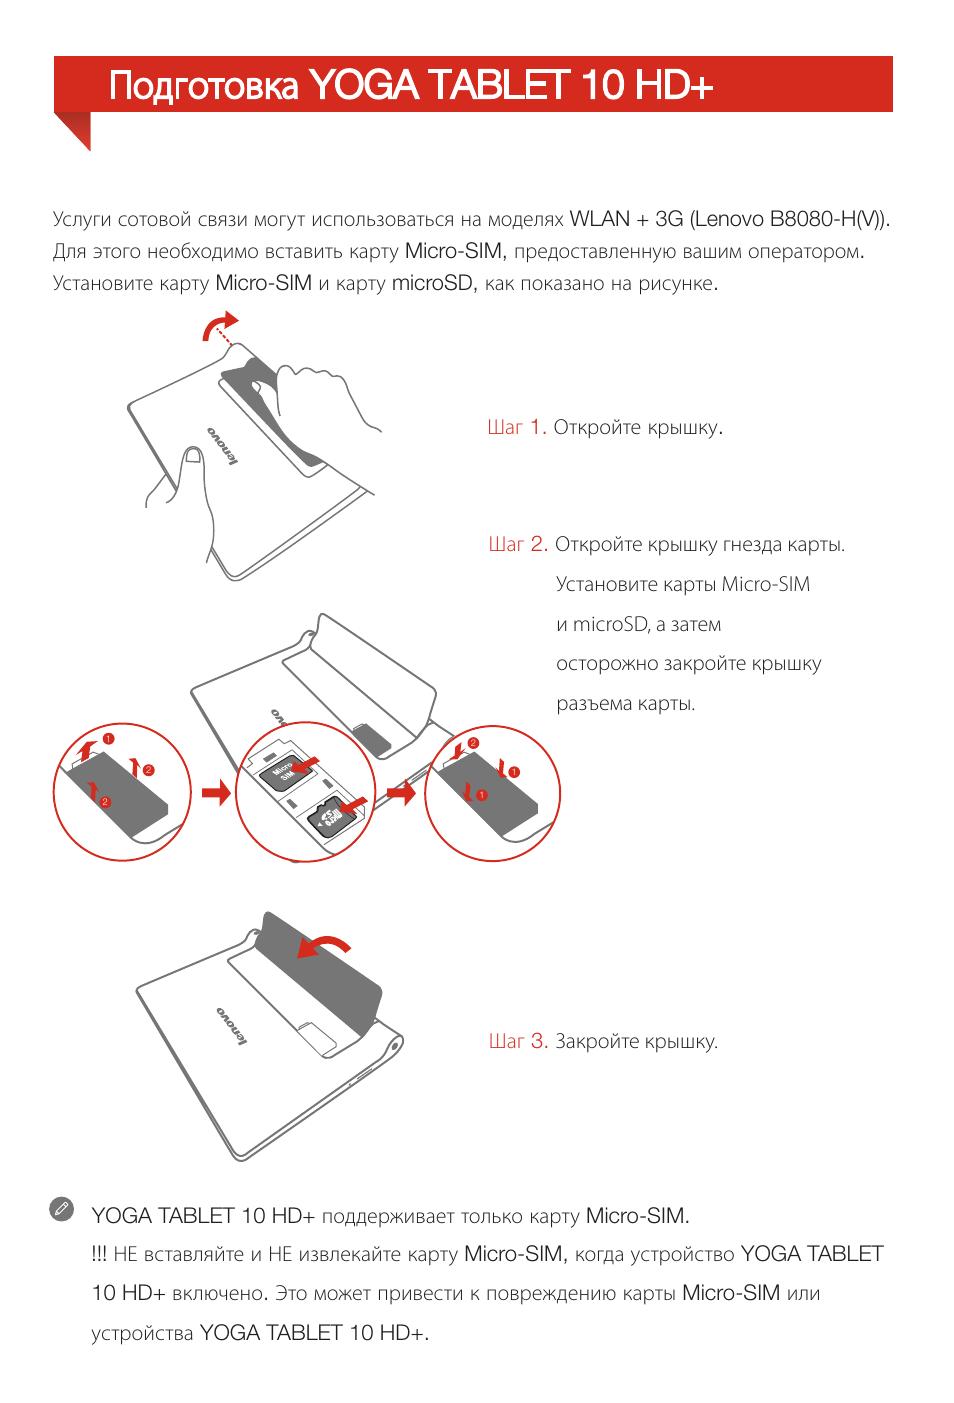 Подготовка yoga tablet 10 hd Инструкция по эксплуатации Lenovo Yoga Tablet 10 HD+ B8080 Страница 17 / 36